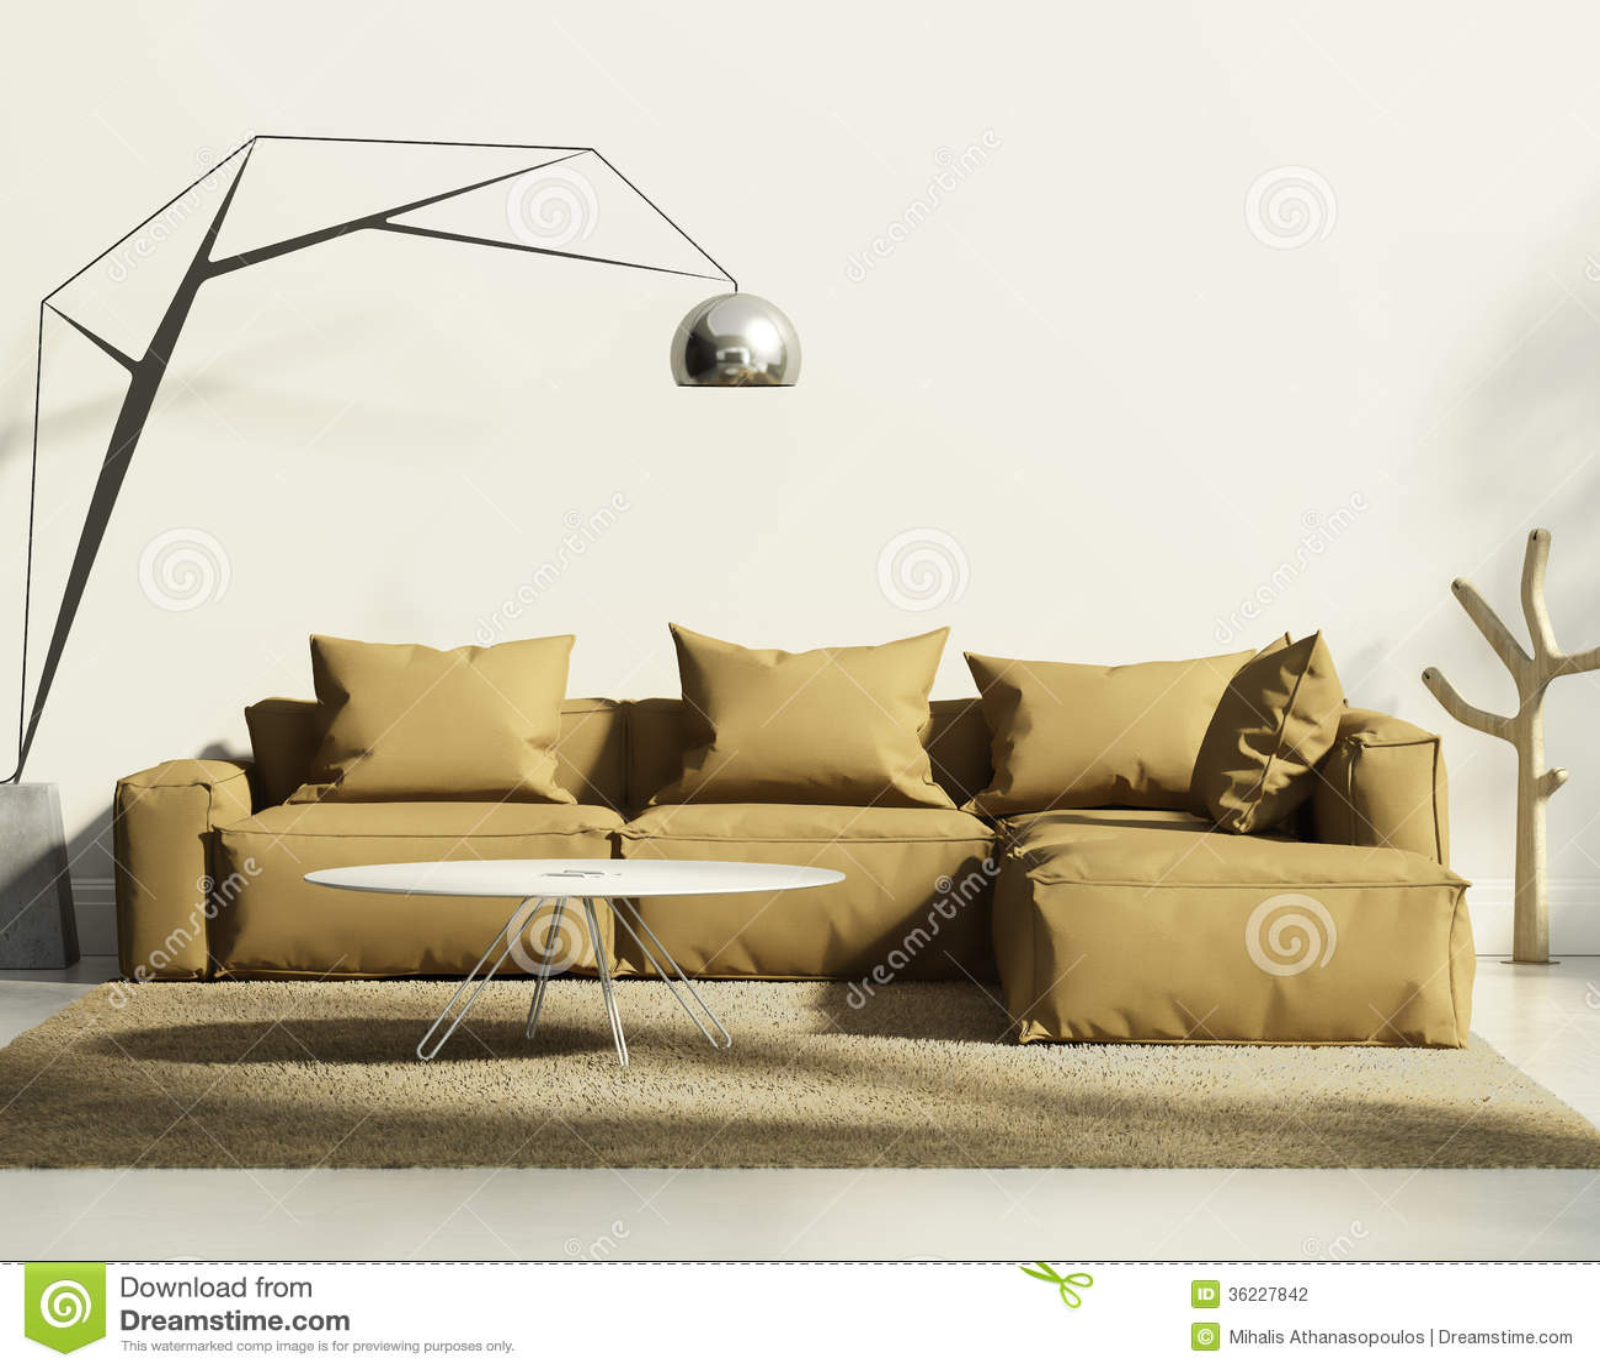 在新当代白色样式内部的烟草沙发.图片